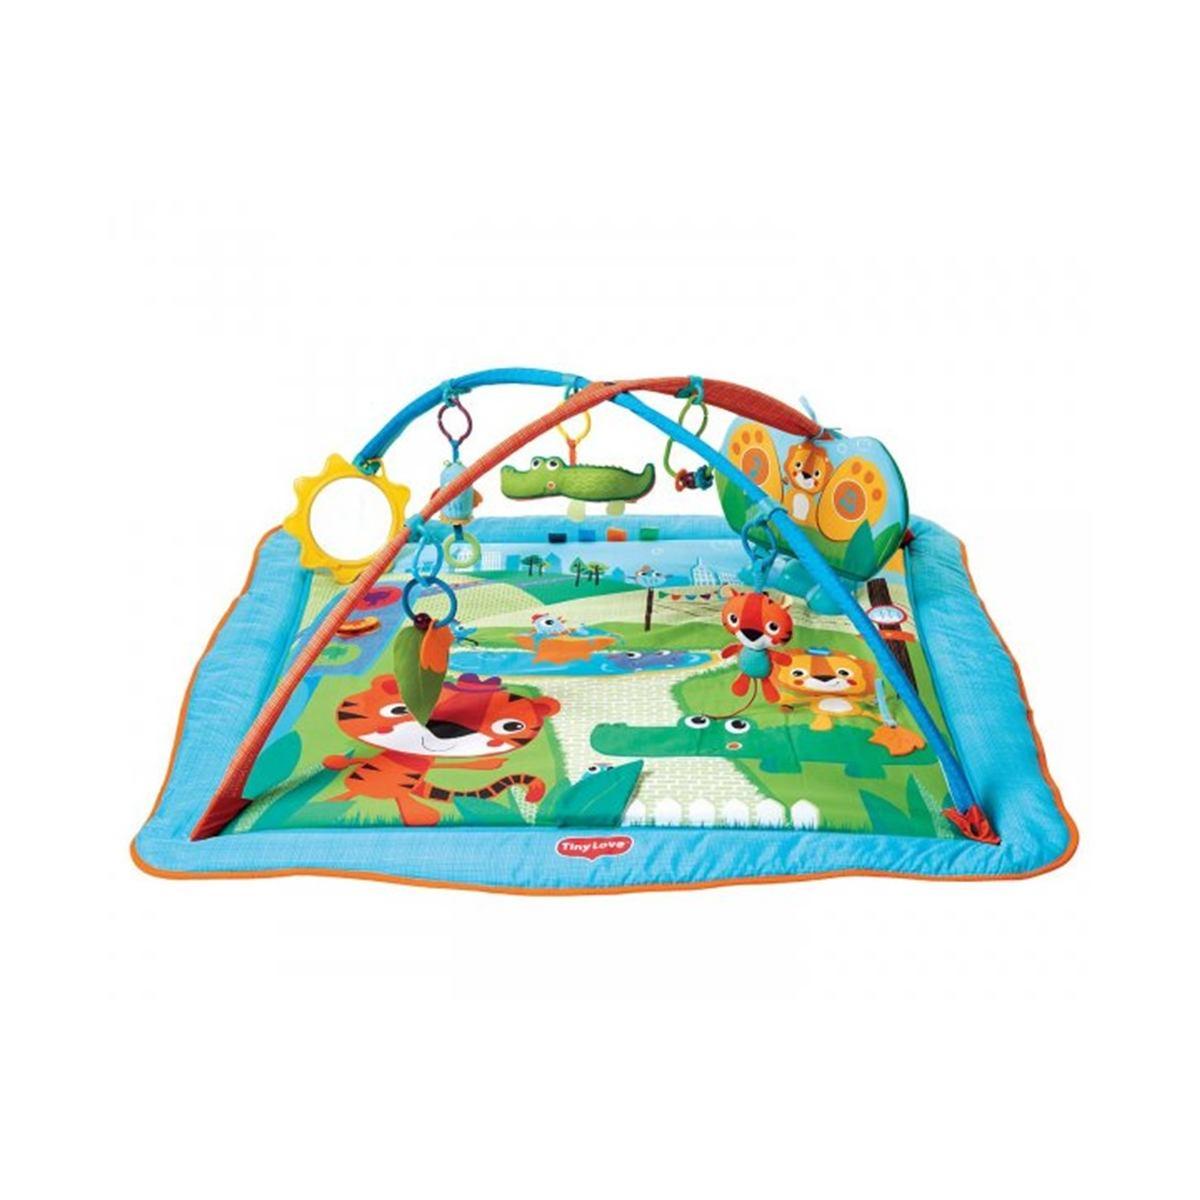 Купить Развивающий коврик Tiny Love Сафари, с музыкальной панелью